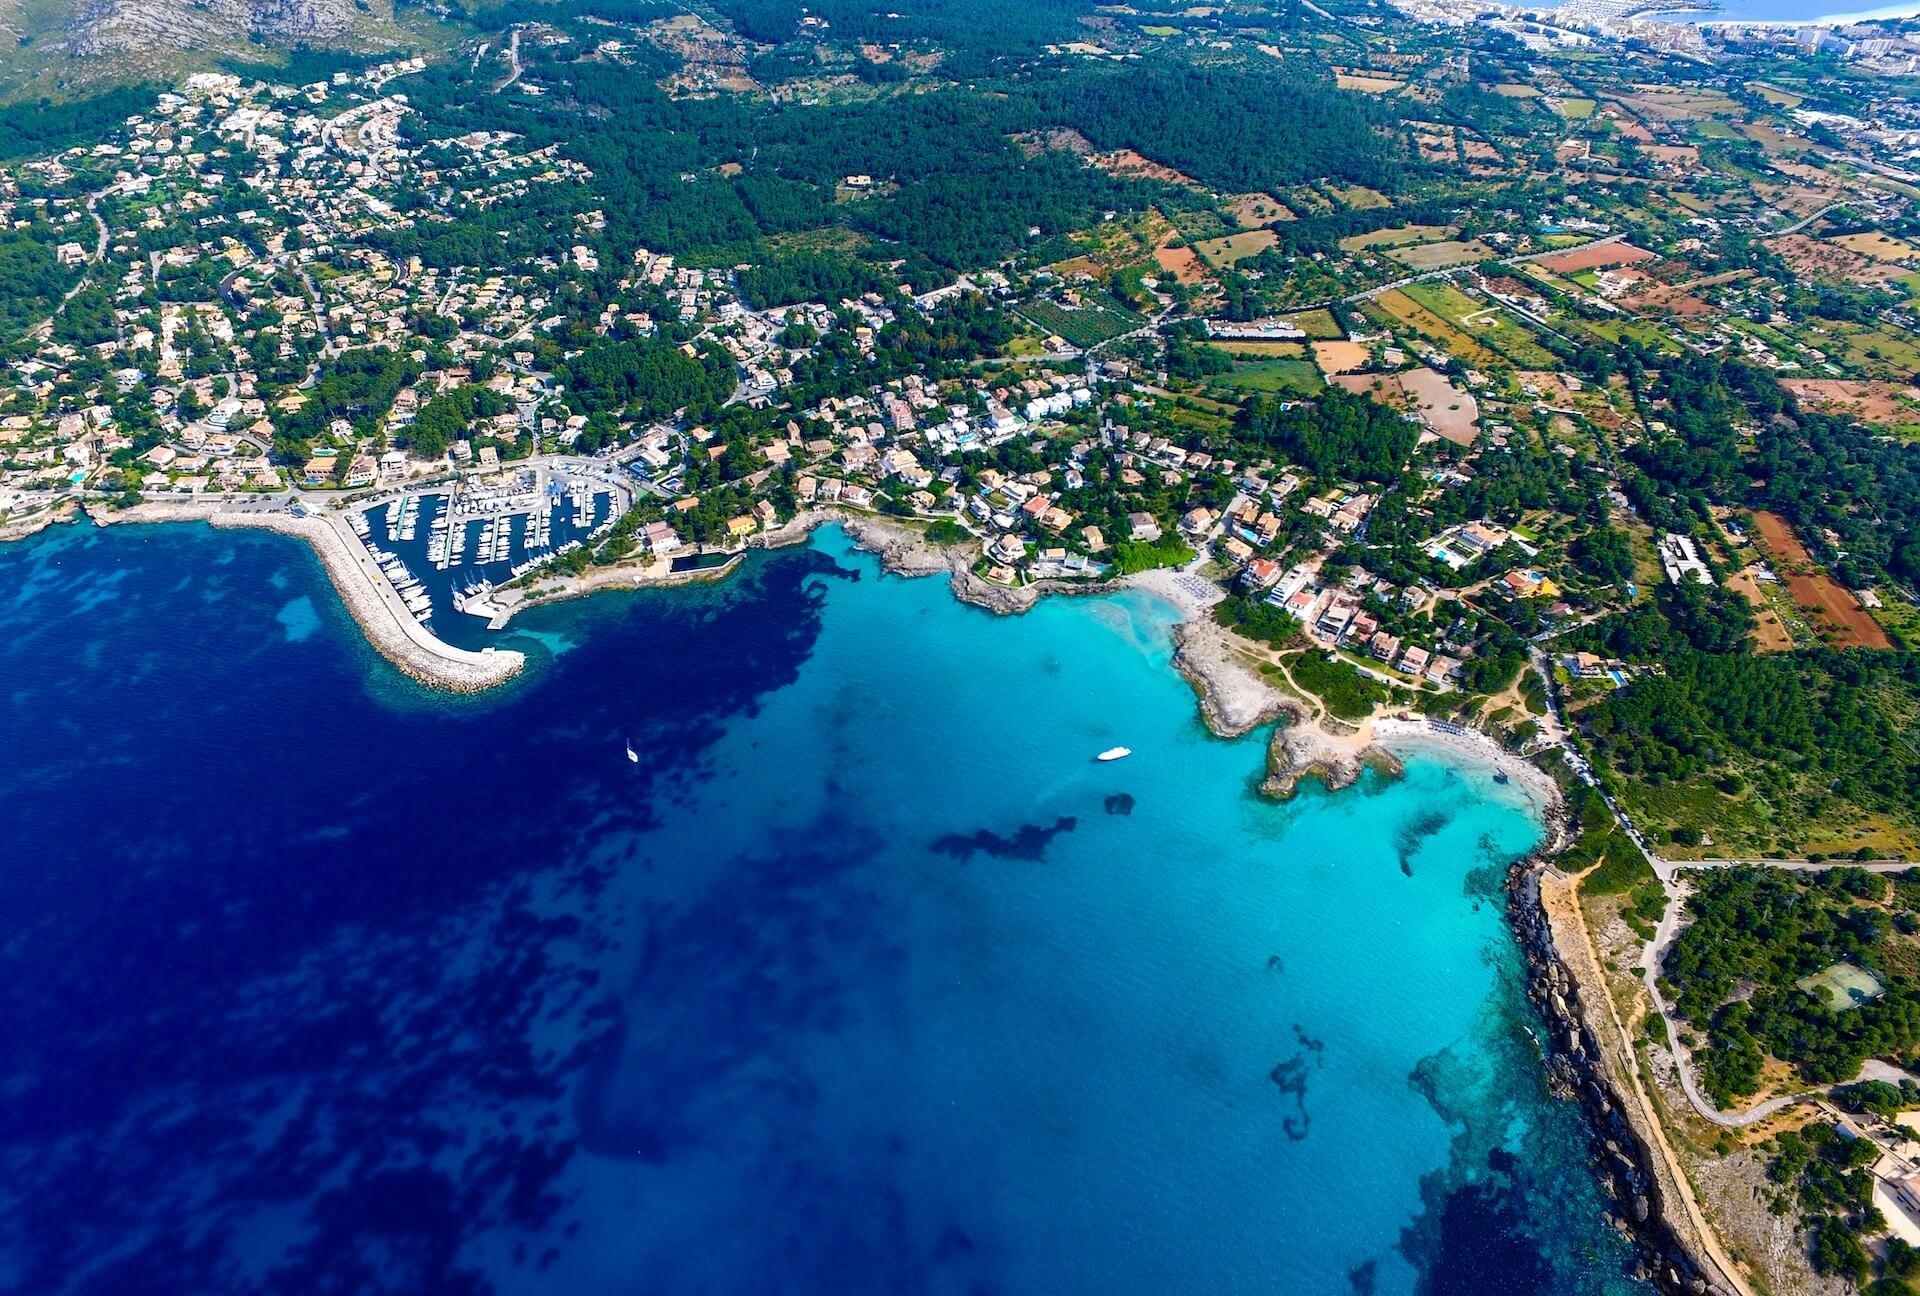 Günstige Flüge Nach Mallorca Buchen Tipps Tricks Airgurude